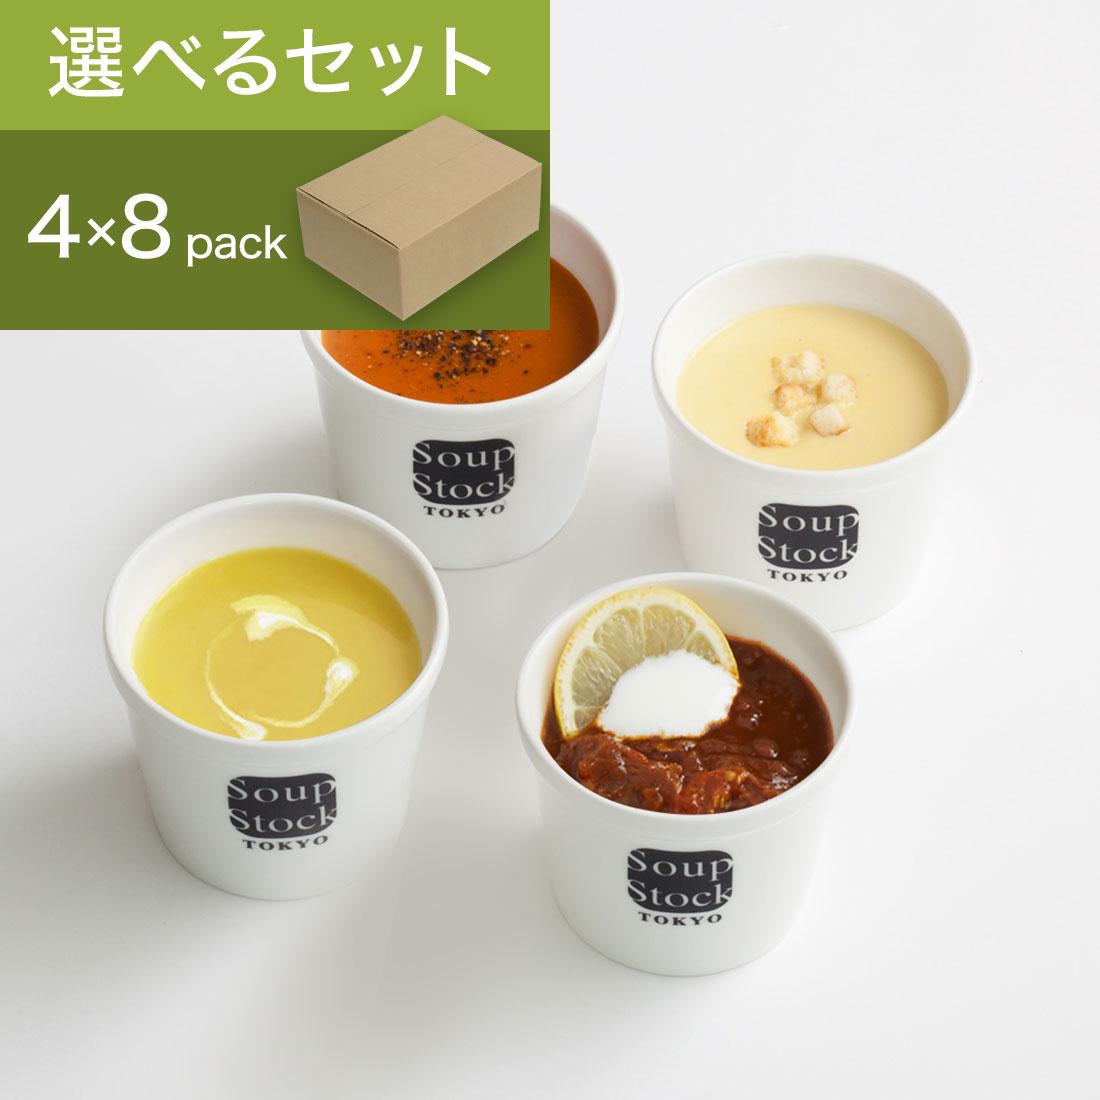 【送料込】スープストックトーキョー まとめ買いセット 180g X 4種類 X 8PC